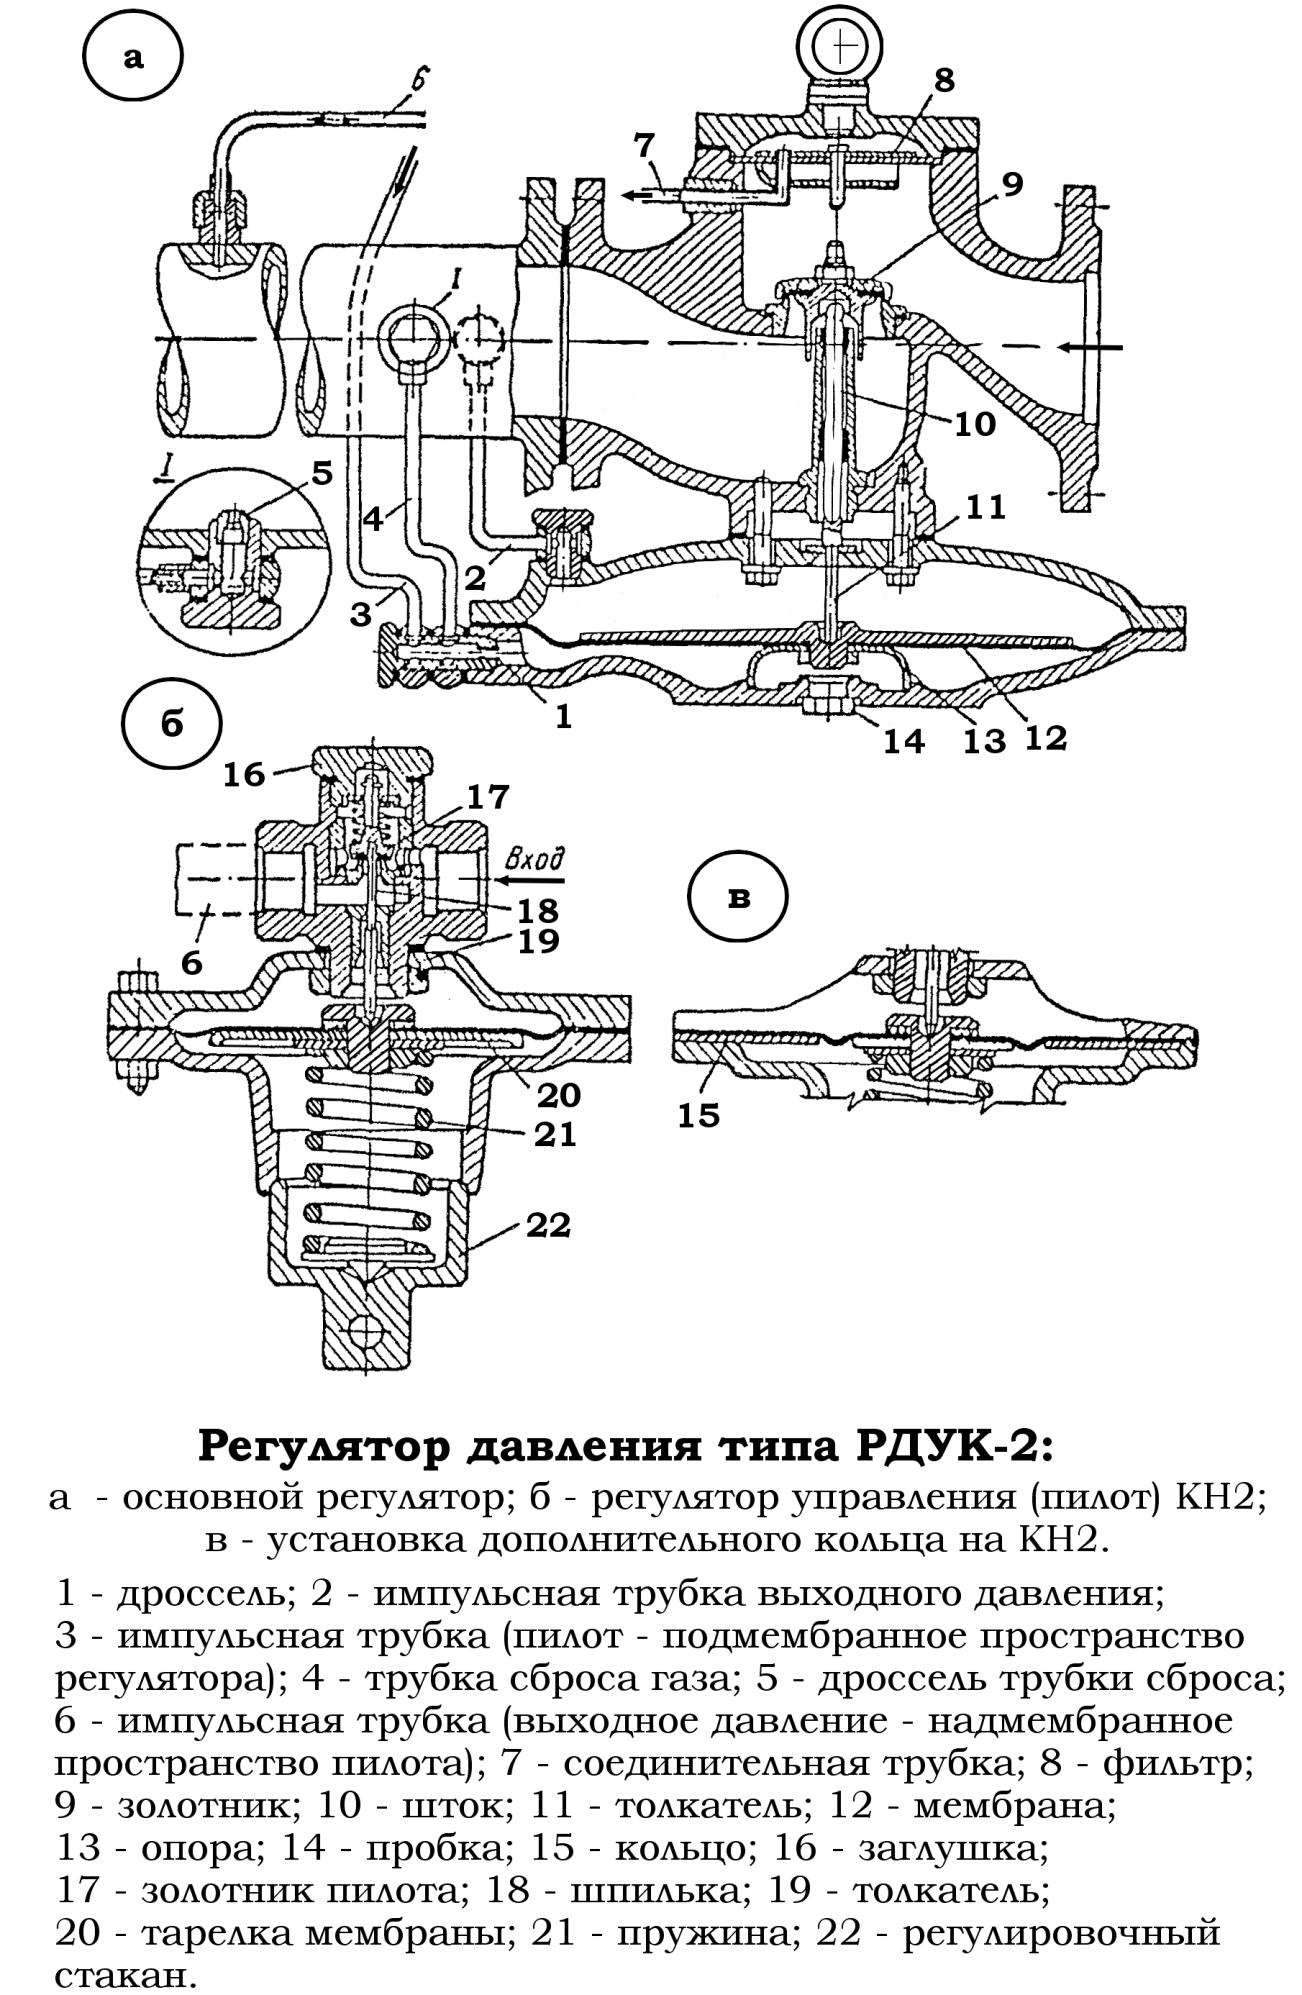 Пружина пилота к РДУК-2Н-100/70